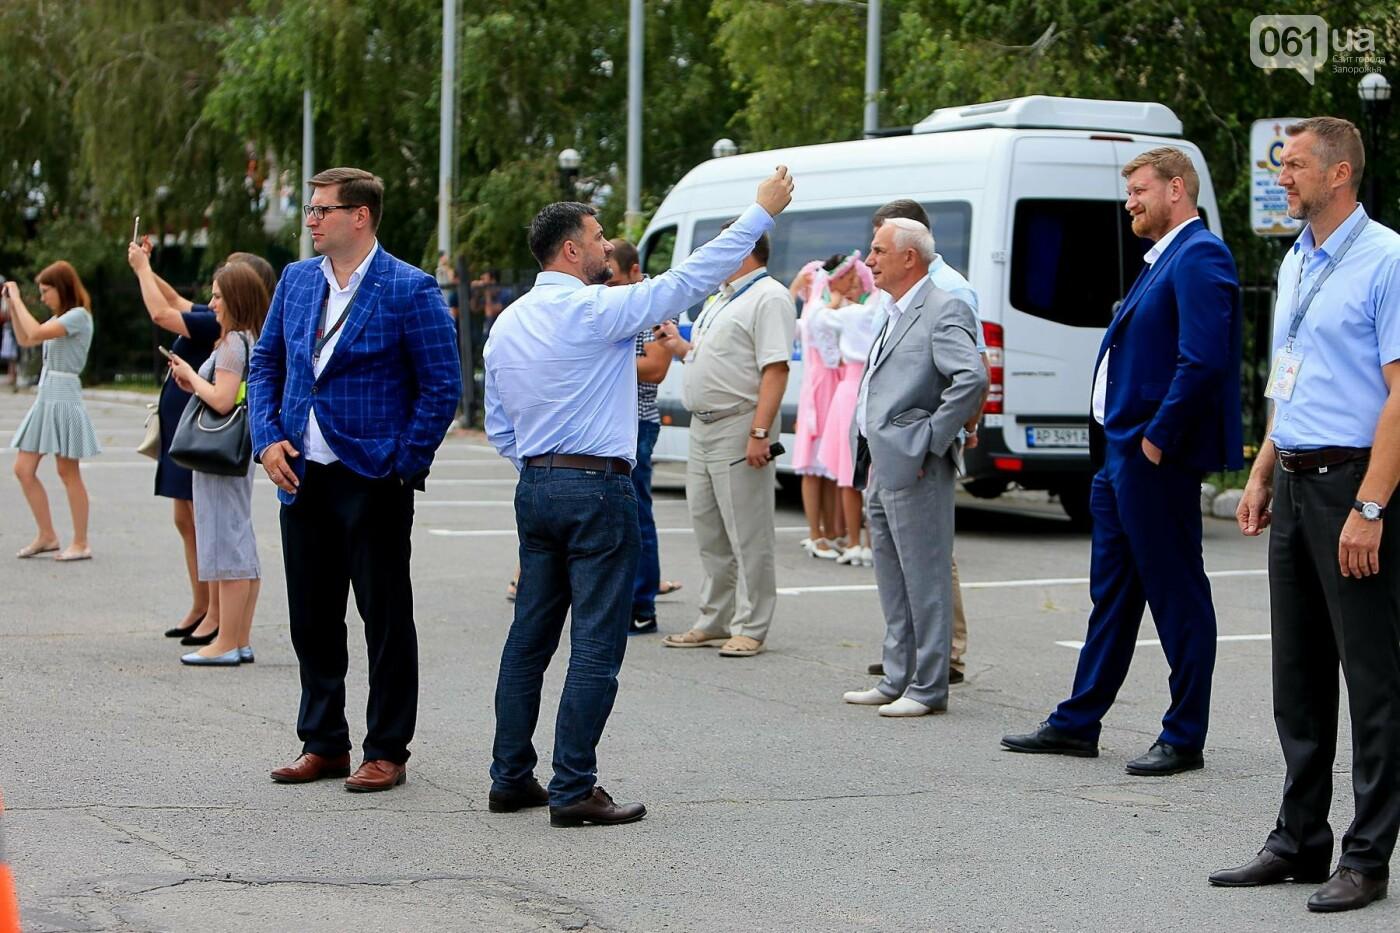 Торт, каравай и дождевая арка: открытие нового авиарейса Варшава-Запорожье в фотографиях, фото-7